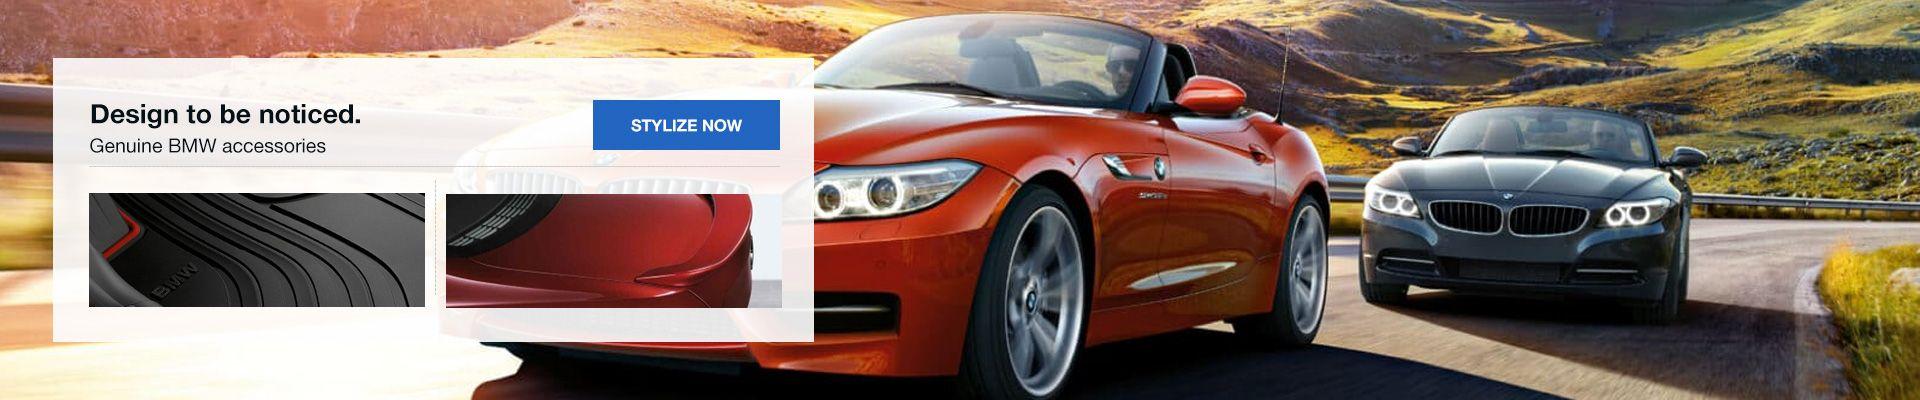 BMW Accessories